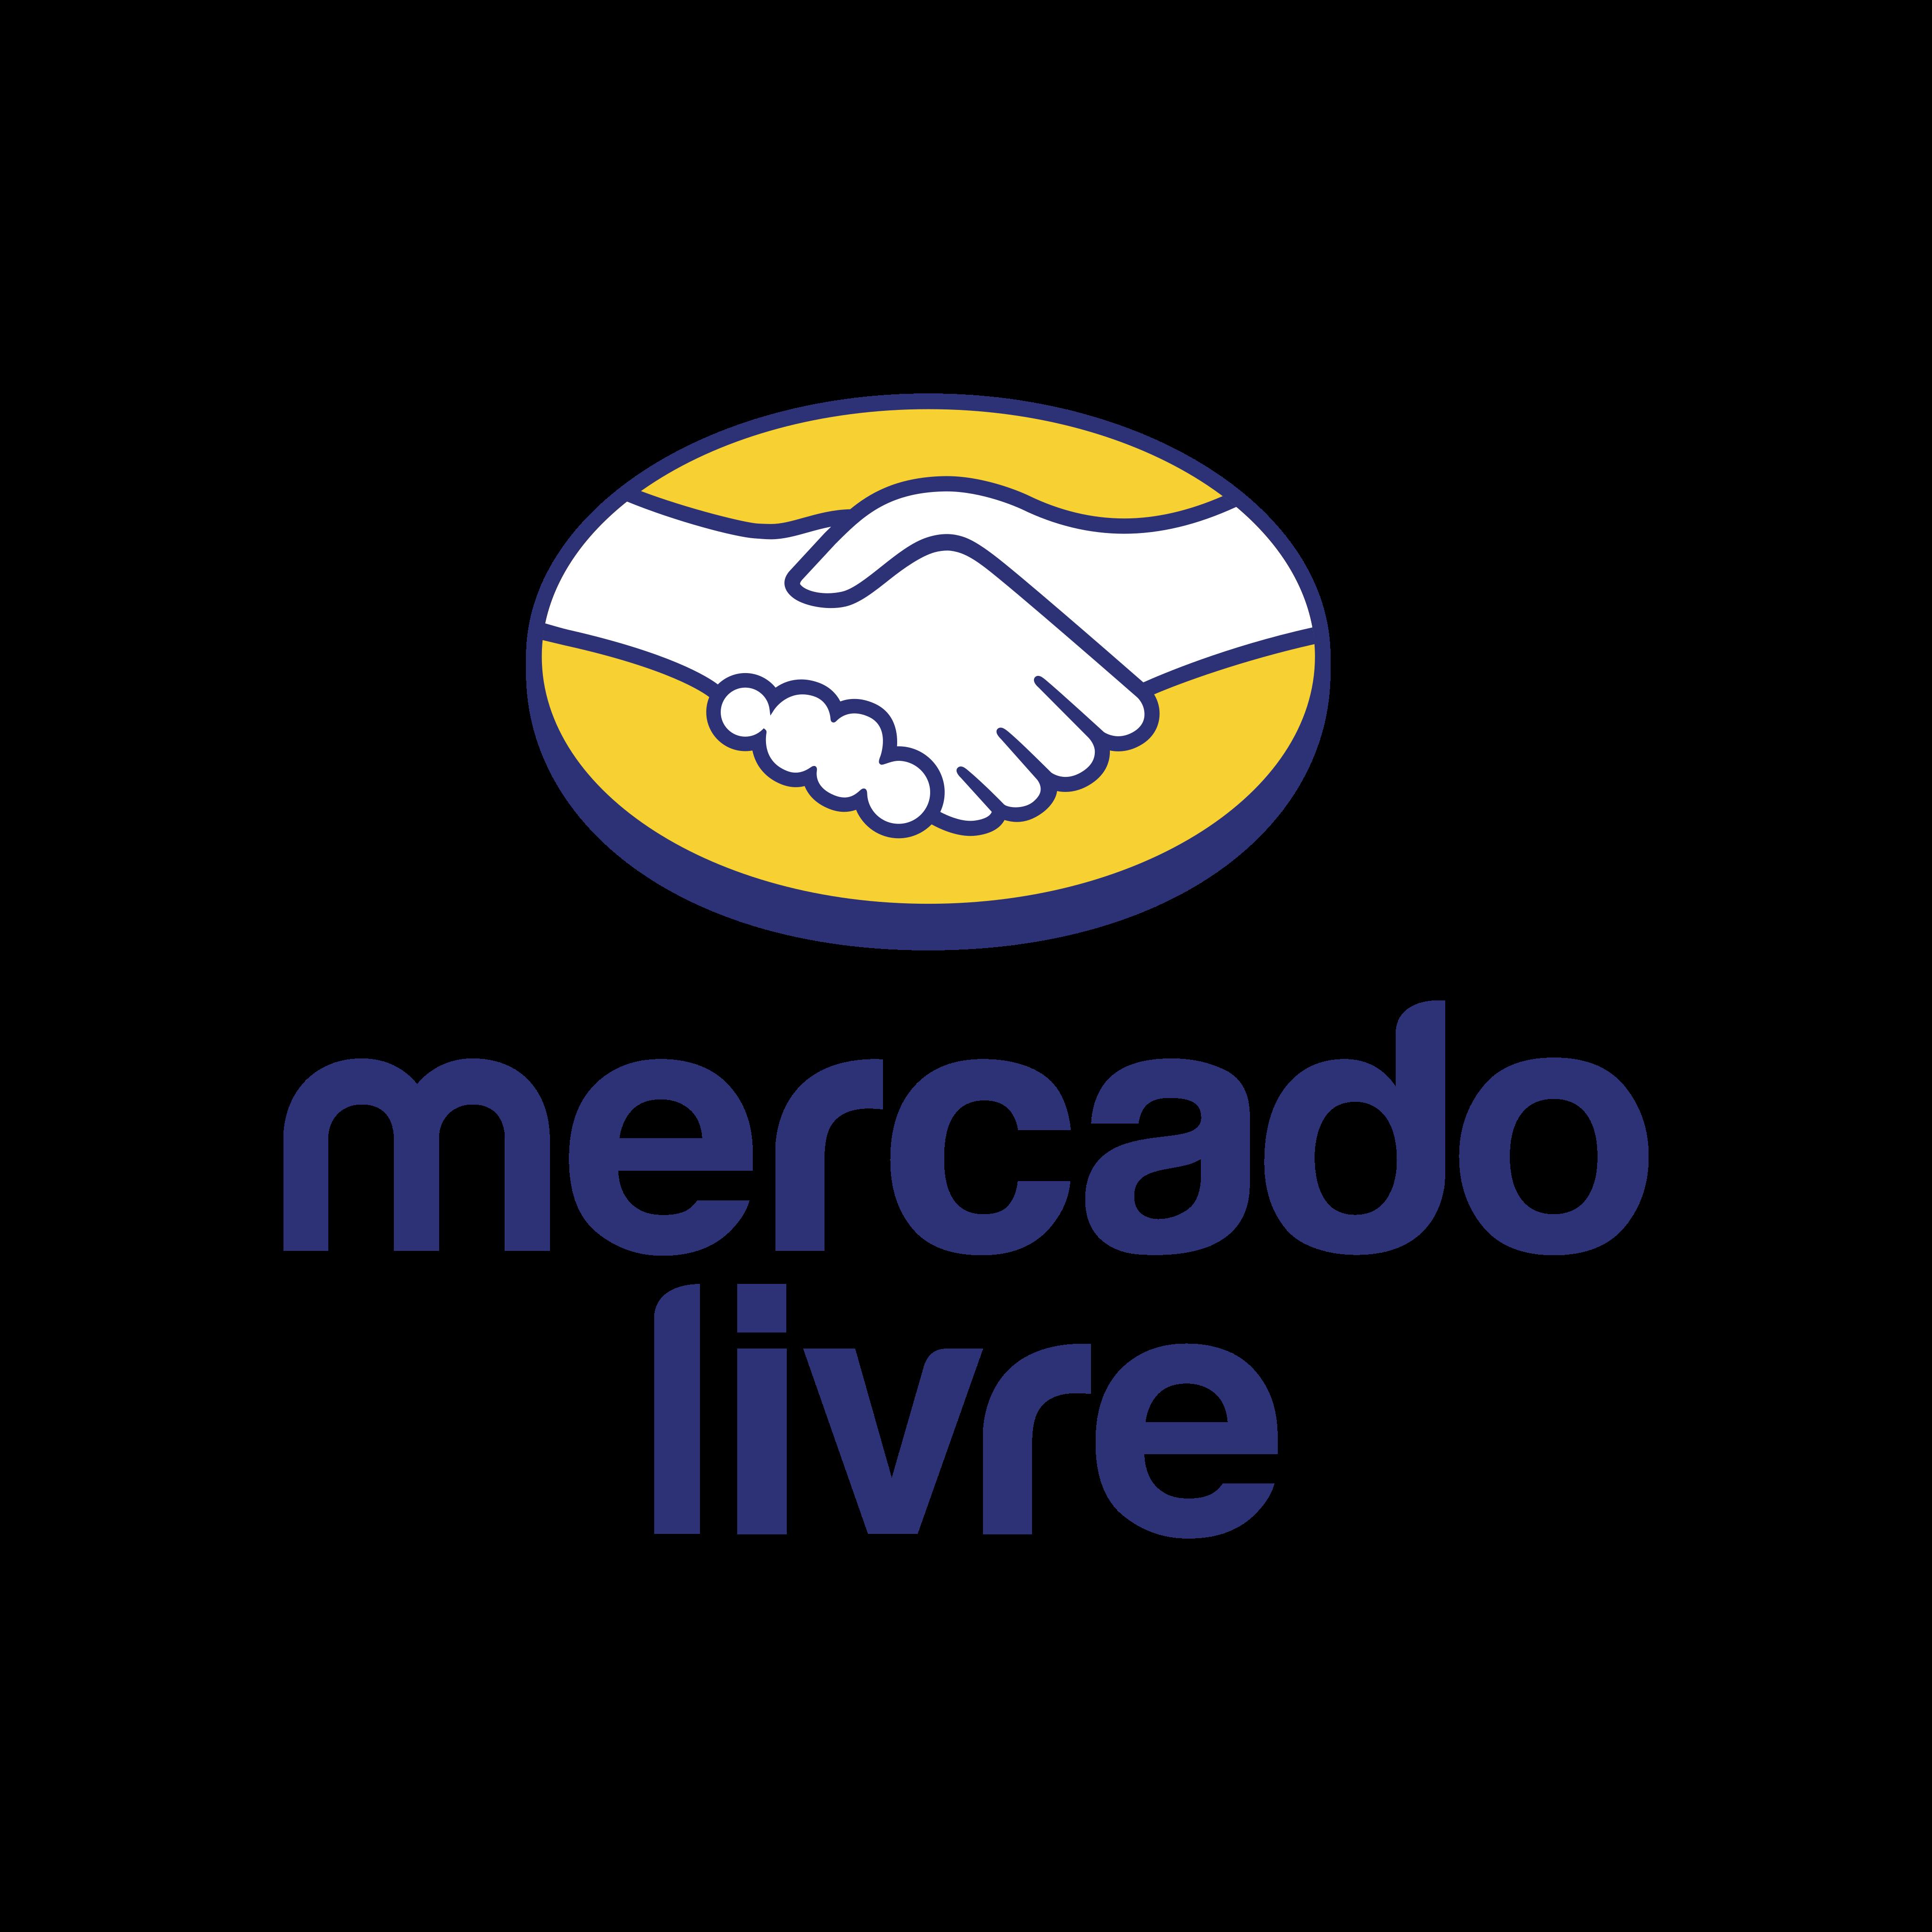 mercado livre logo 0 - Mercado Livre Logo